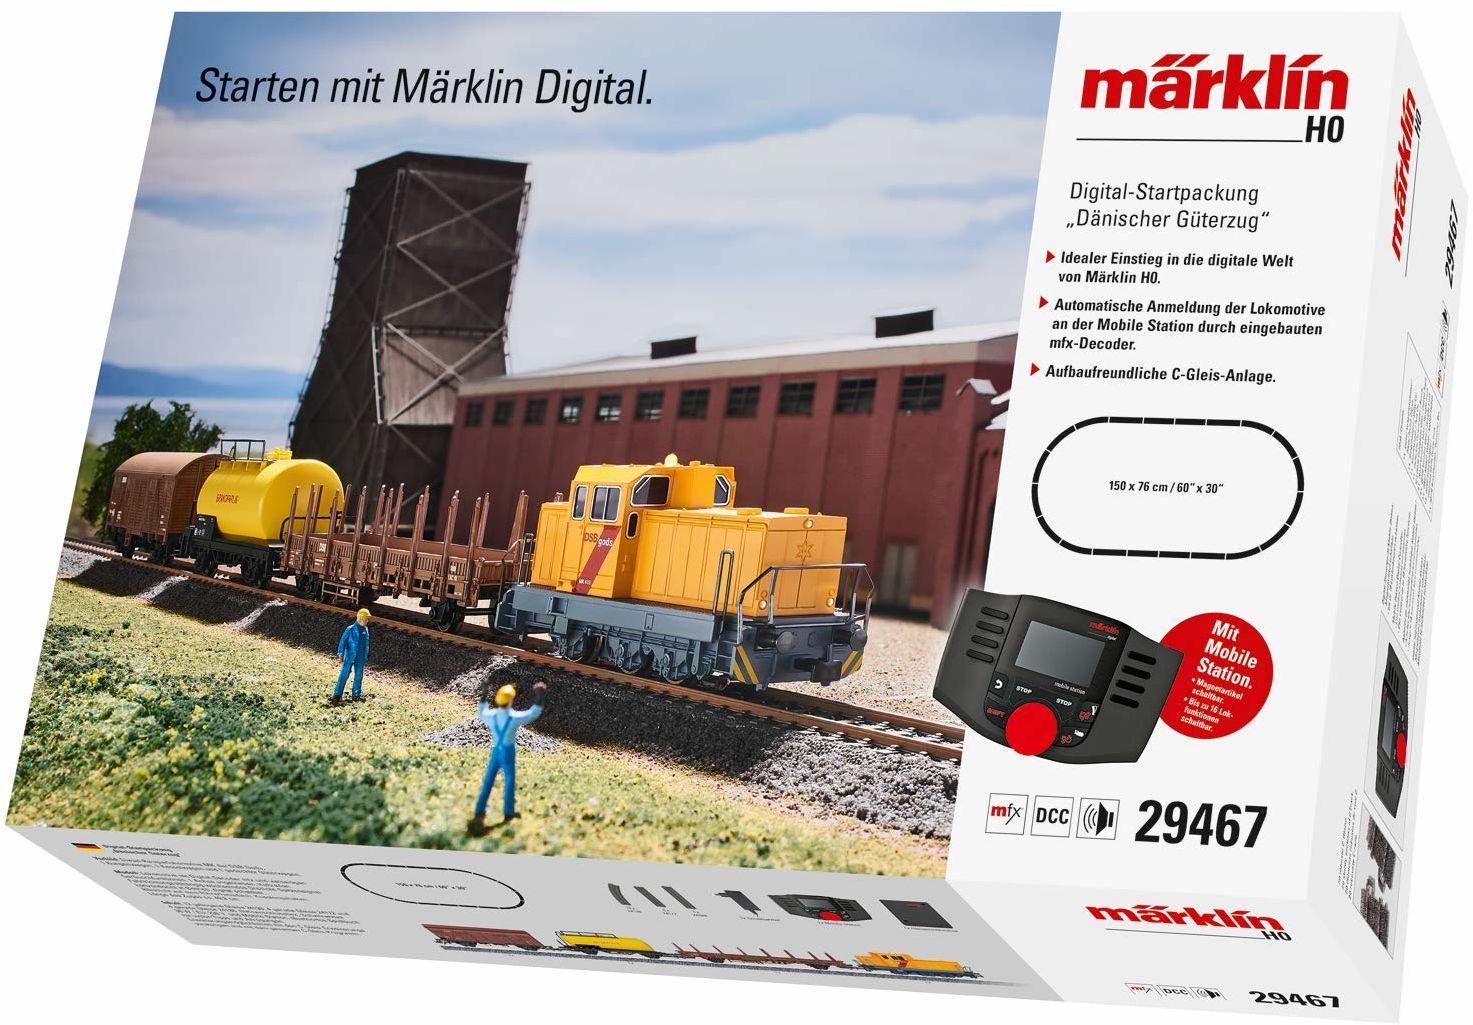 zestaw; pociąg; model; games; ślad; kolejki; startowy; toys; towarowy; 29467; marklin; tor; h0; duńskie; and; märklin; modelowania